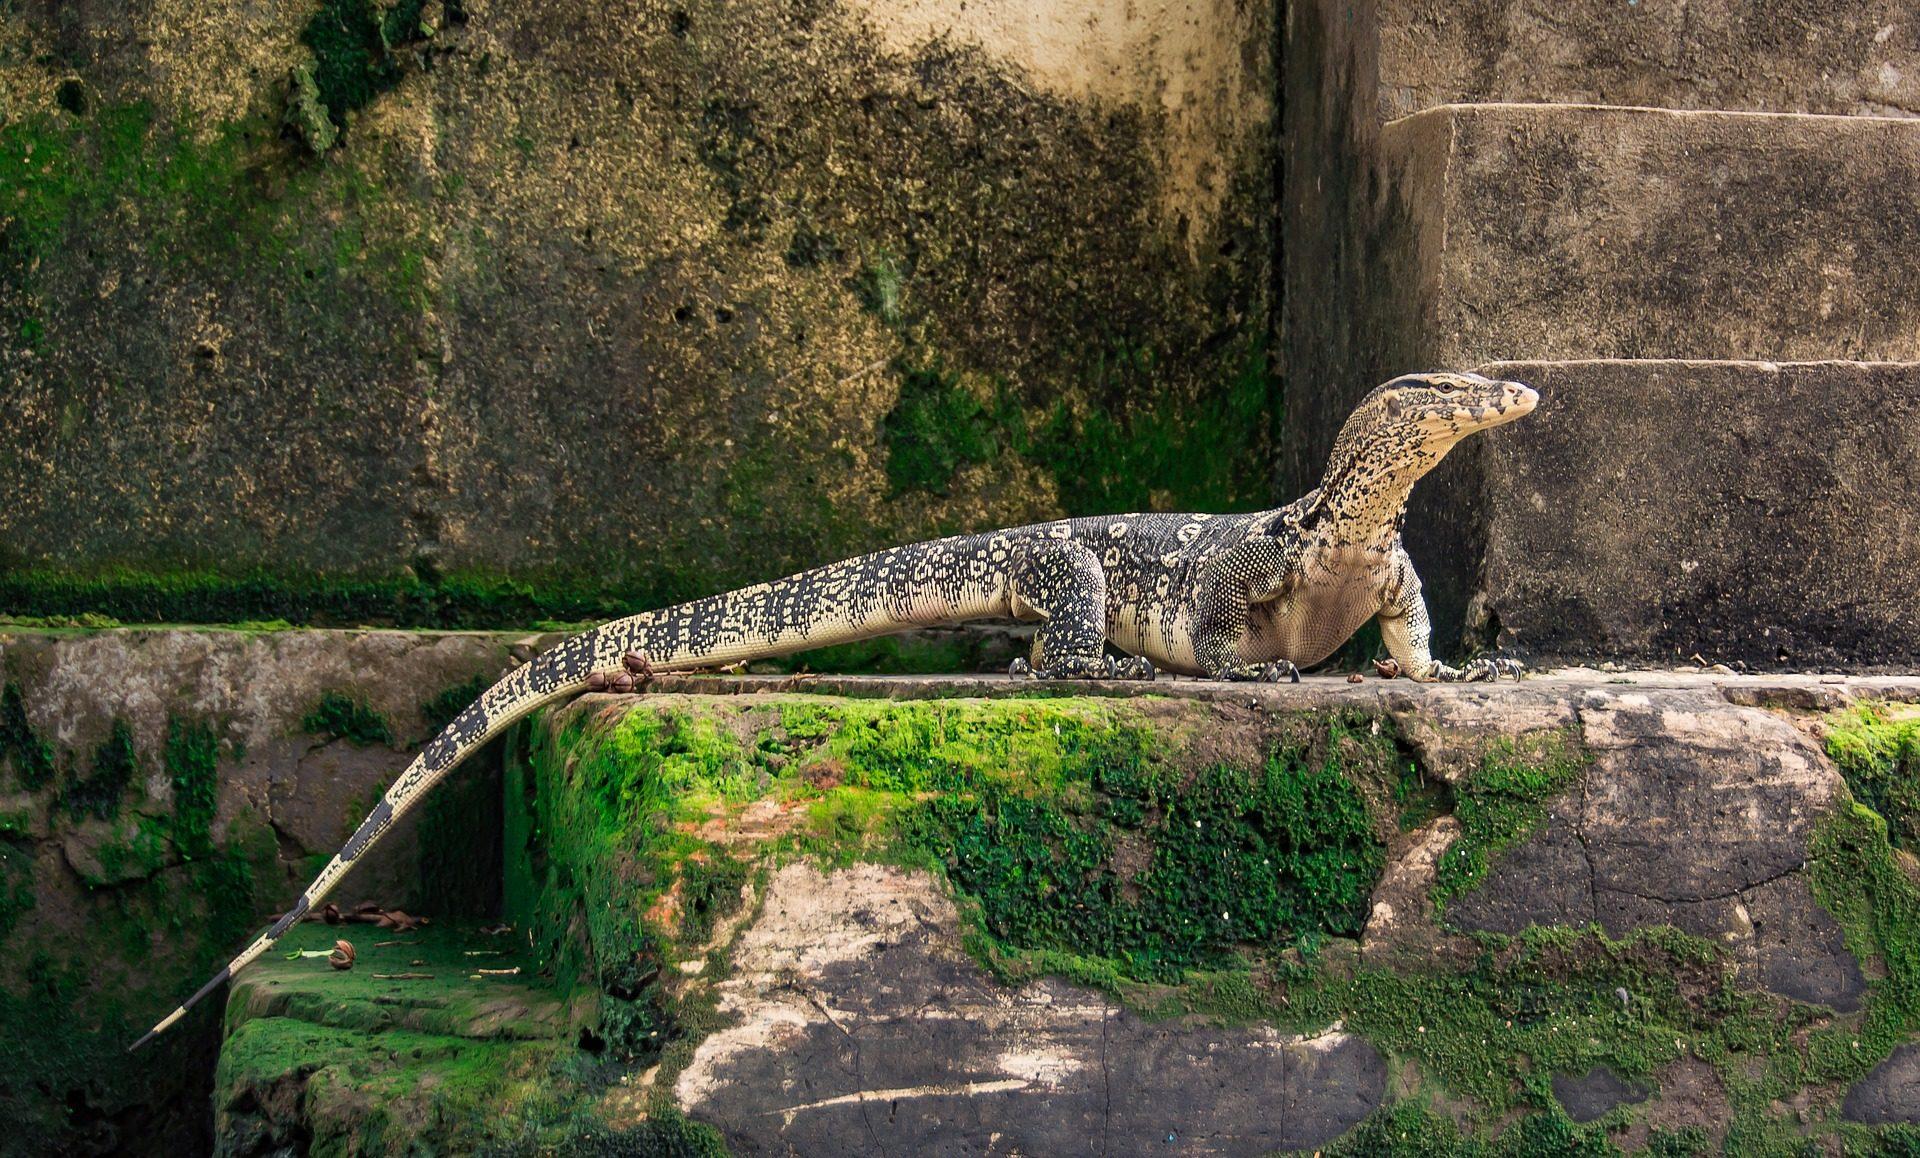 蜥蜴, 爬行动物, 尾巴, 注意, 龙, 自由, 野生 - 高清壁纸 - 教授-falken.com